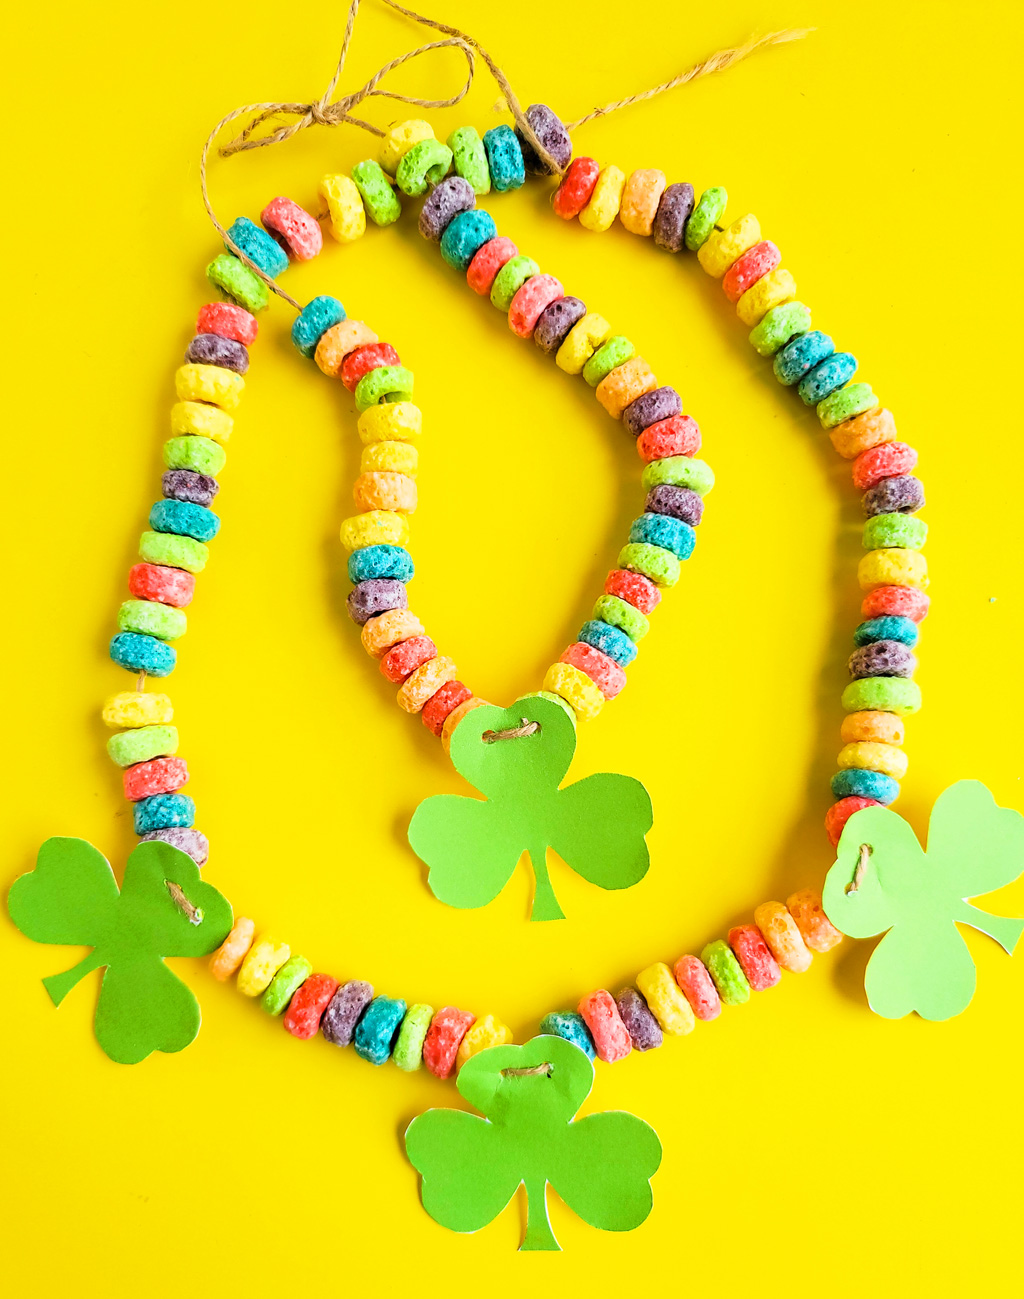 DIY St. Patrick's Day Shamrock Necklace